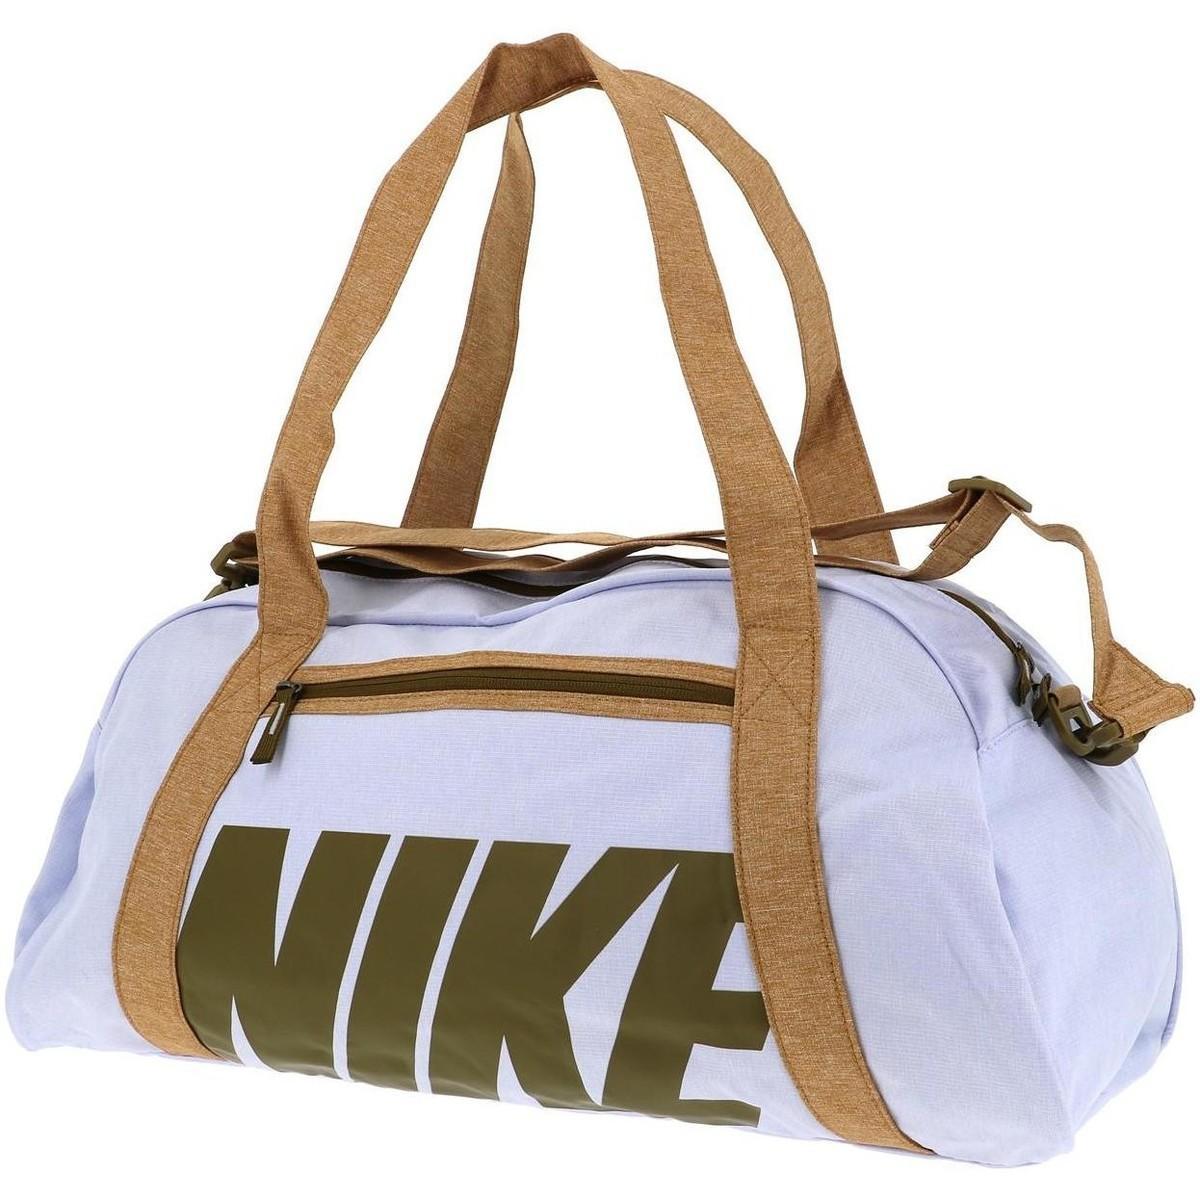 1c9682ff47 Gym Club Training Pour Femmes Homme De Sac Bleu Sport En Nike 5A4LR3jq